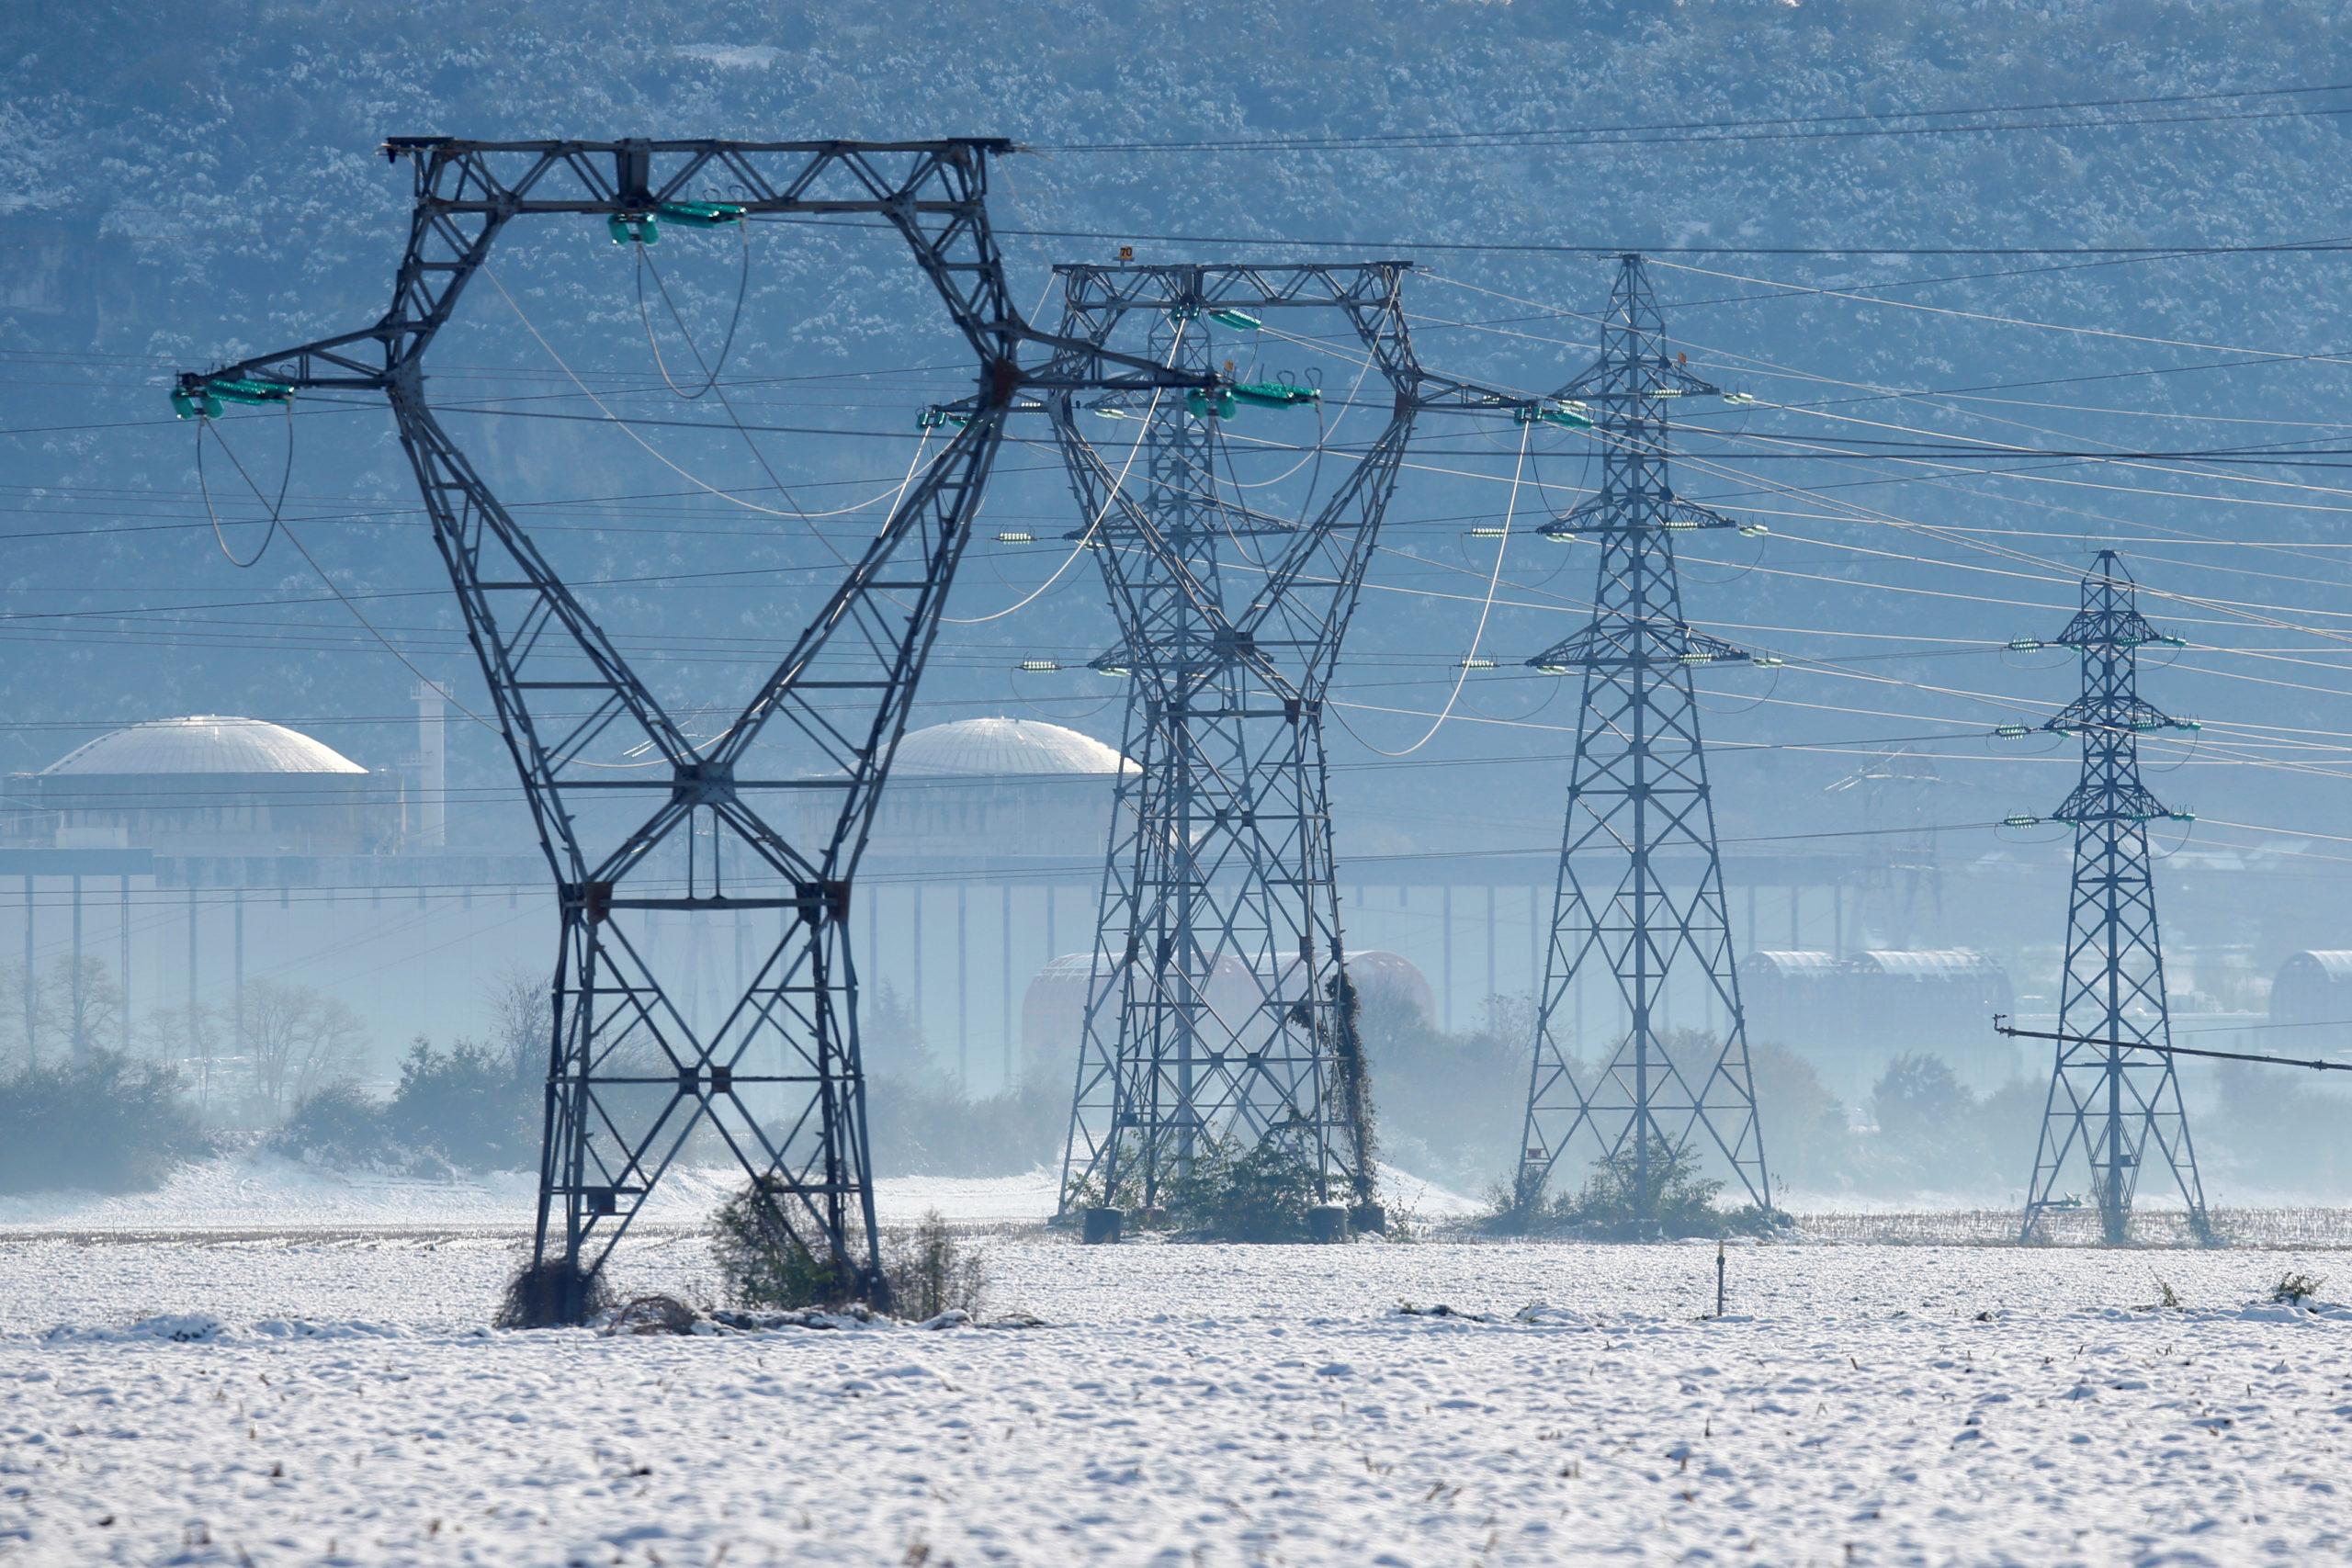 """L'approvisionnement en électricité devrait être assuré cet hiver en France """"à températures de saison"""", estime mercredi RTE, le réseau de transport d'électricité. /Photo prise le 15 novembre 2019/REUTERS/Emmanuel Foudrot"""